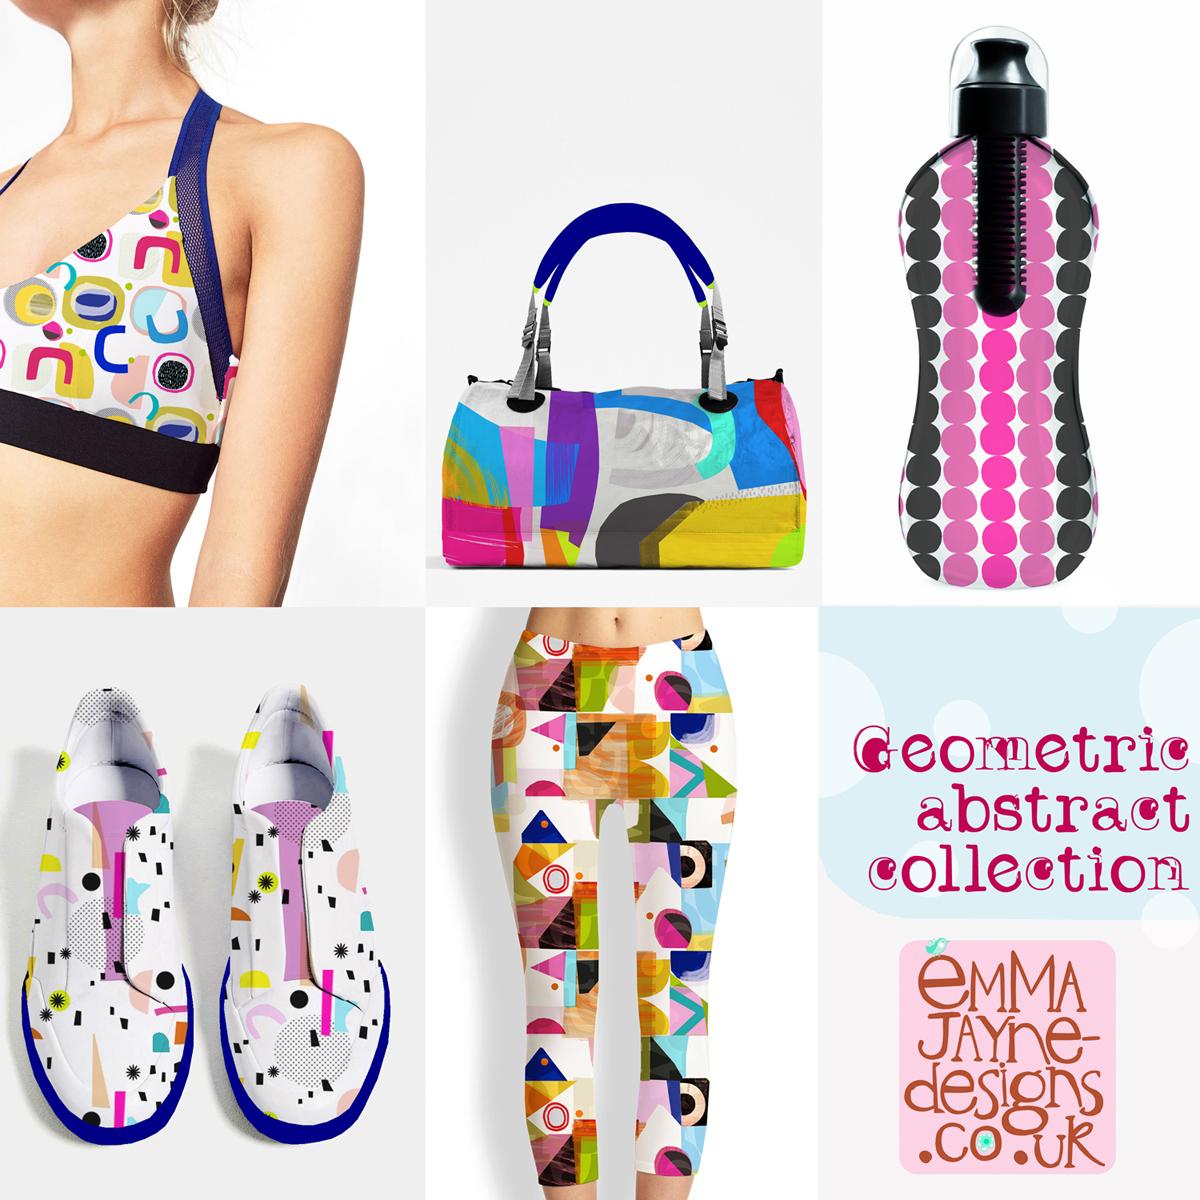 geometric-sportswear-pattern-designs-emmajayne-designs